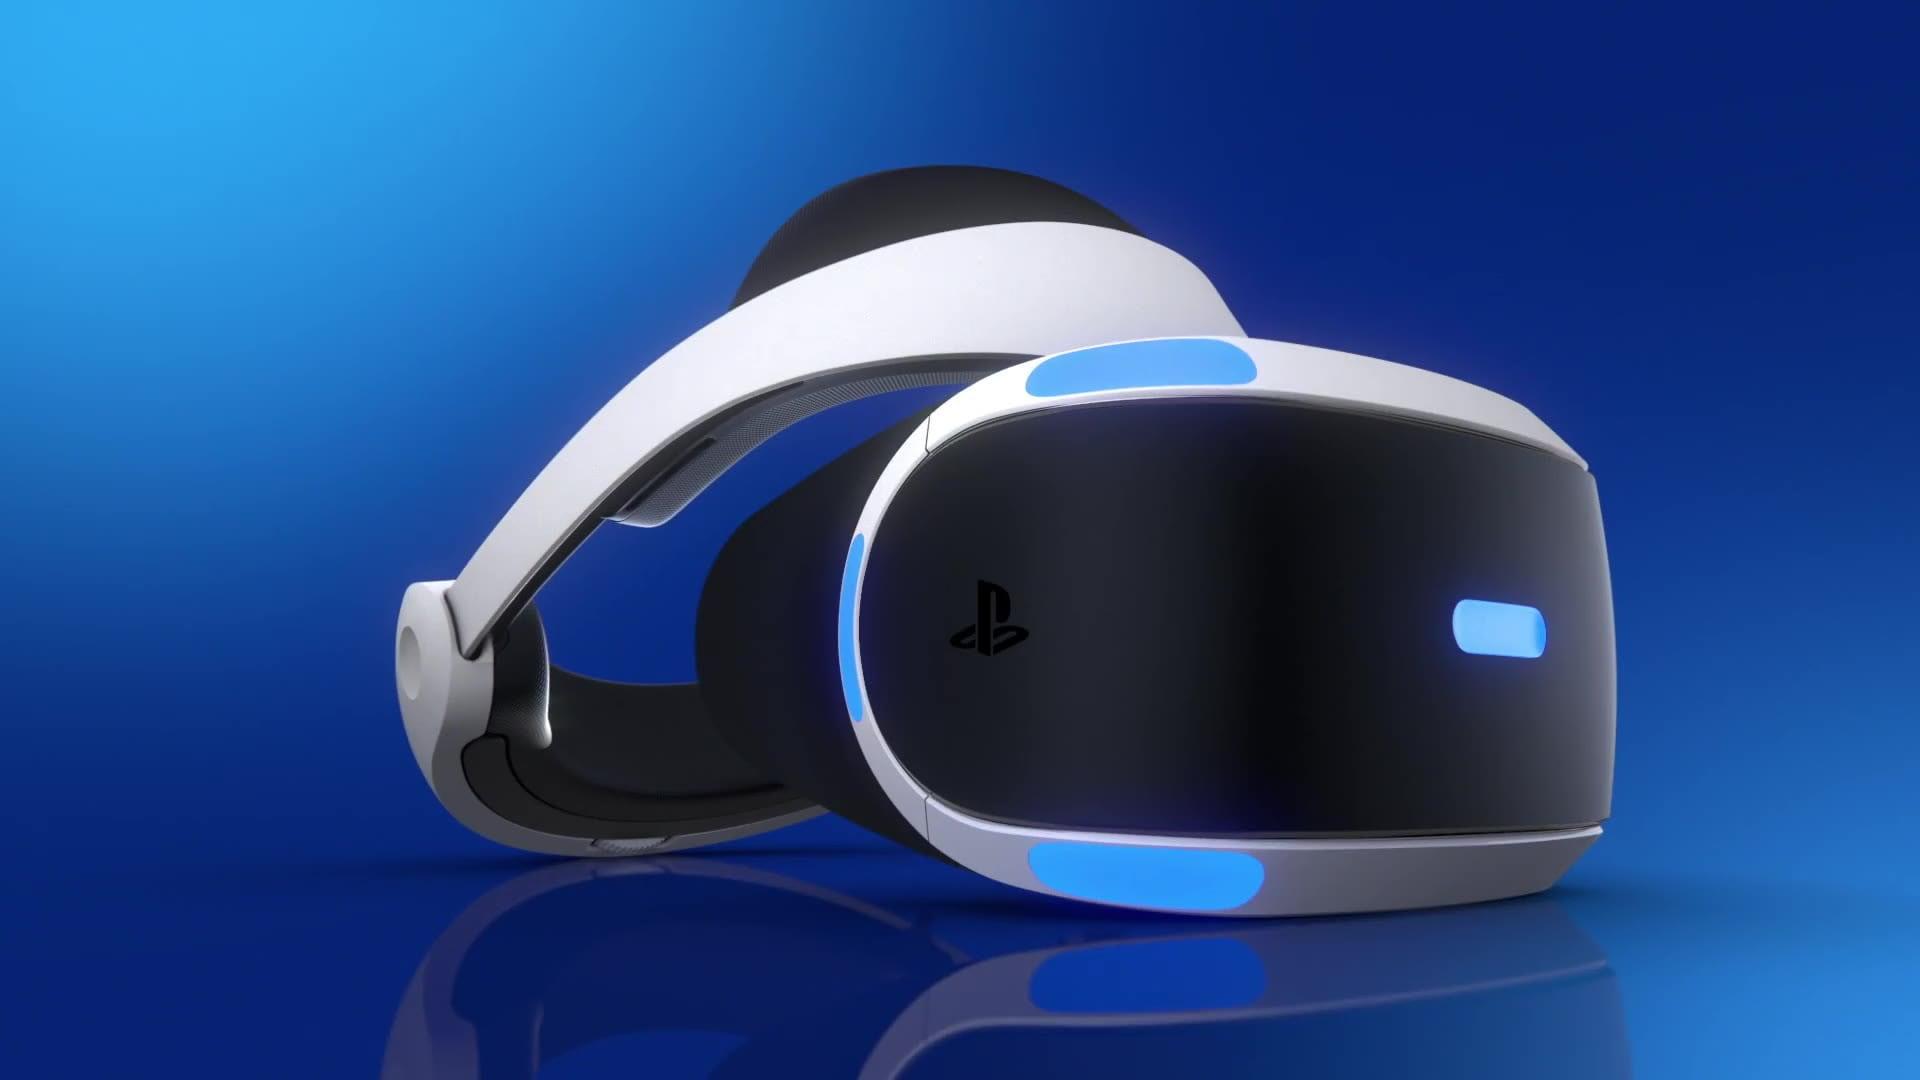 PlayStation VR a 178€ su Amazon: è l'ora di scoprire la realtà virtuale! (video) - image PSVR on https://www.zxbyte.com